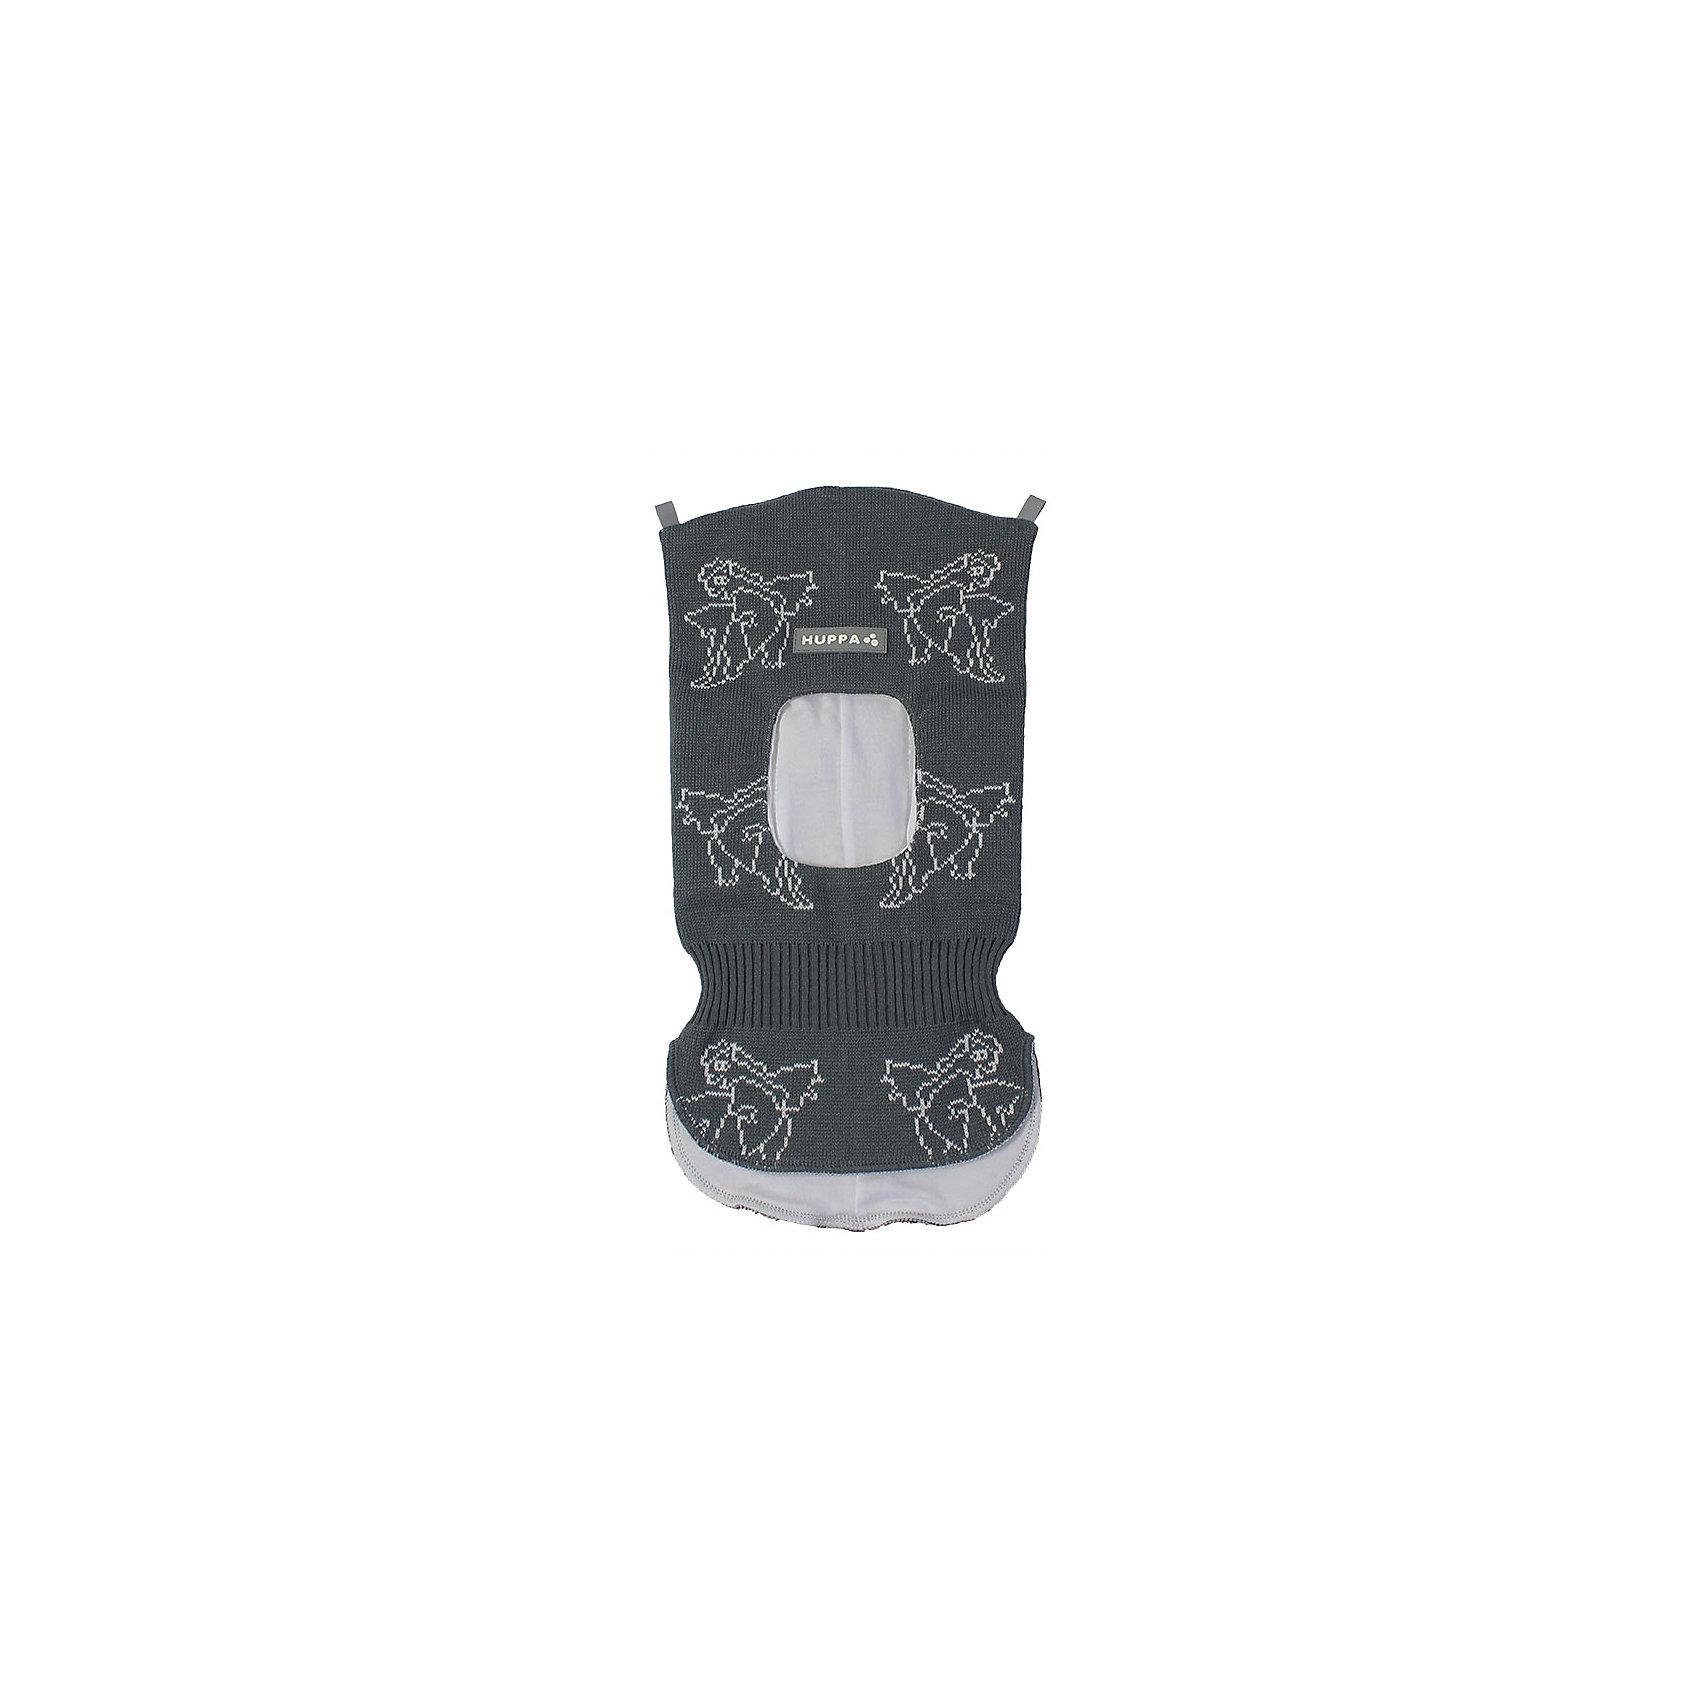 Шапка-шлем SELAH для мальчика HuppaХарактеристики товара:<br><br>• цвет: серый принт<br>• состав: 50% хлопок, 50% акрил<br>• подкладка: трикотаж - 100% хлопок<br>• температурный режим: от -5°С до +10°С<br>• демисезонная<br>• мягкая резинка на шее<br>• логотип<br>• комфортная посадка<br>• мягкий материал<br>• страна бренда: Эстония<br><br>Эта шапка обеспечит детям тепло и комфорт. Она сделана из приятного на ощупь мягкого материала. Шапка очень симпатично смотрится, а дизайн и расцветка позволяют сочетать её с различной одеждой. Модель была разработана специально для детей.<br><br>Одежда и обувь от популярного эстонского бренда Huppa - отличный вариант одеть ребенка можно и комфортно. Вещи, выпускаемые компанией, качественные, продуманные и очень удобные. Для производства изделий используются только безопасные для детей материалы. Продукция от Huppa порадует и детей, и их родителей!<br><br>Шапку-шлем SELAH от бренда Huppa (Хуппа) можно купить в нашем интернет-магазине.<br><br>Ширина мм: 89<br>Глубина мм: 117<br>Высота мм: 44<br>Вес г: 155<br>Цвет: серый<br>Возраст от месяцев: 6<br>Возраст до месяцев: 12<br>Пол: Мужской<br>Возраст: Детский<br>Размер: 43-45,51-53,47-49<br>SKU: 5347629